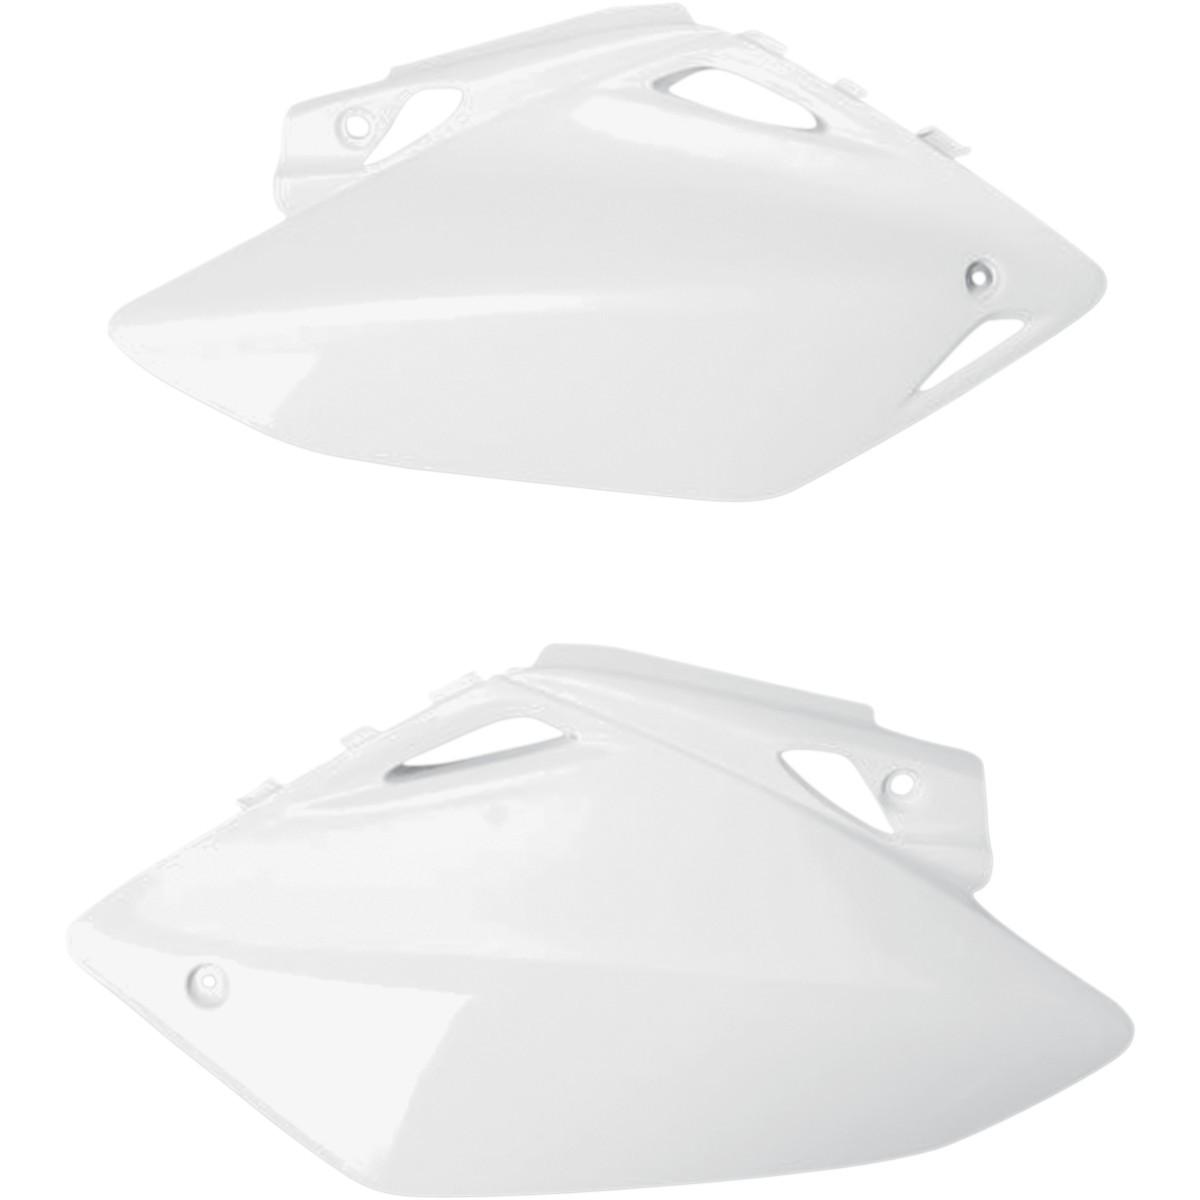 UFO Side Panels White - HO03656-041 | Honda CRF450R 2005-2006